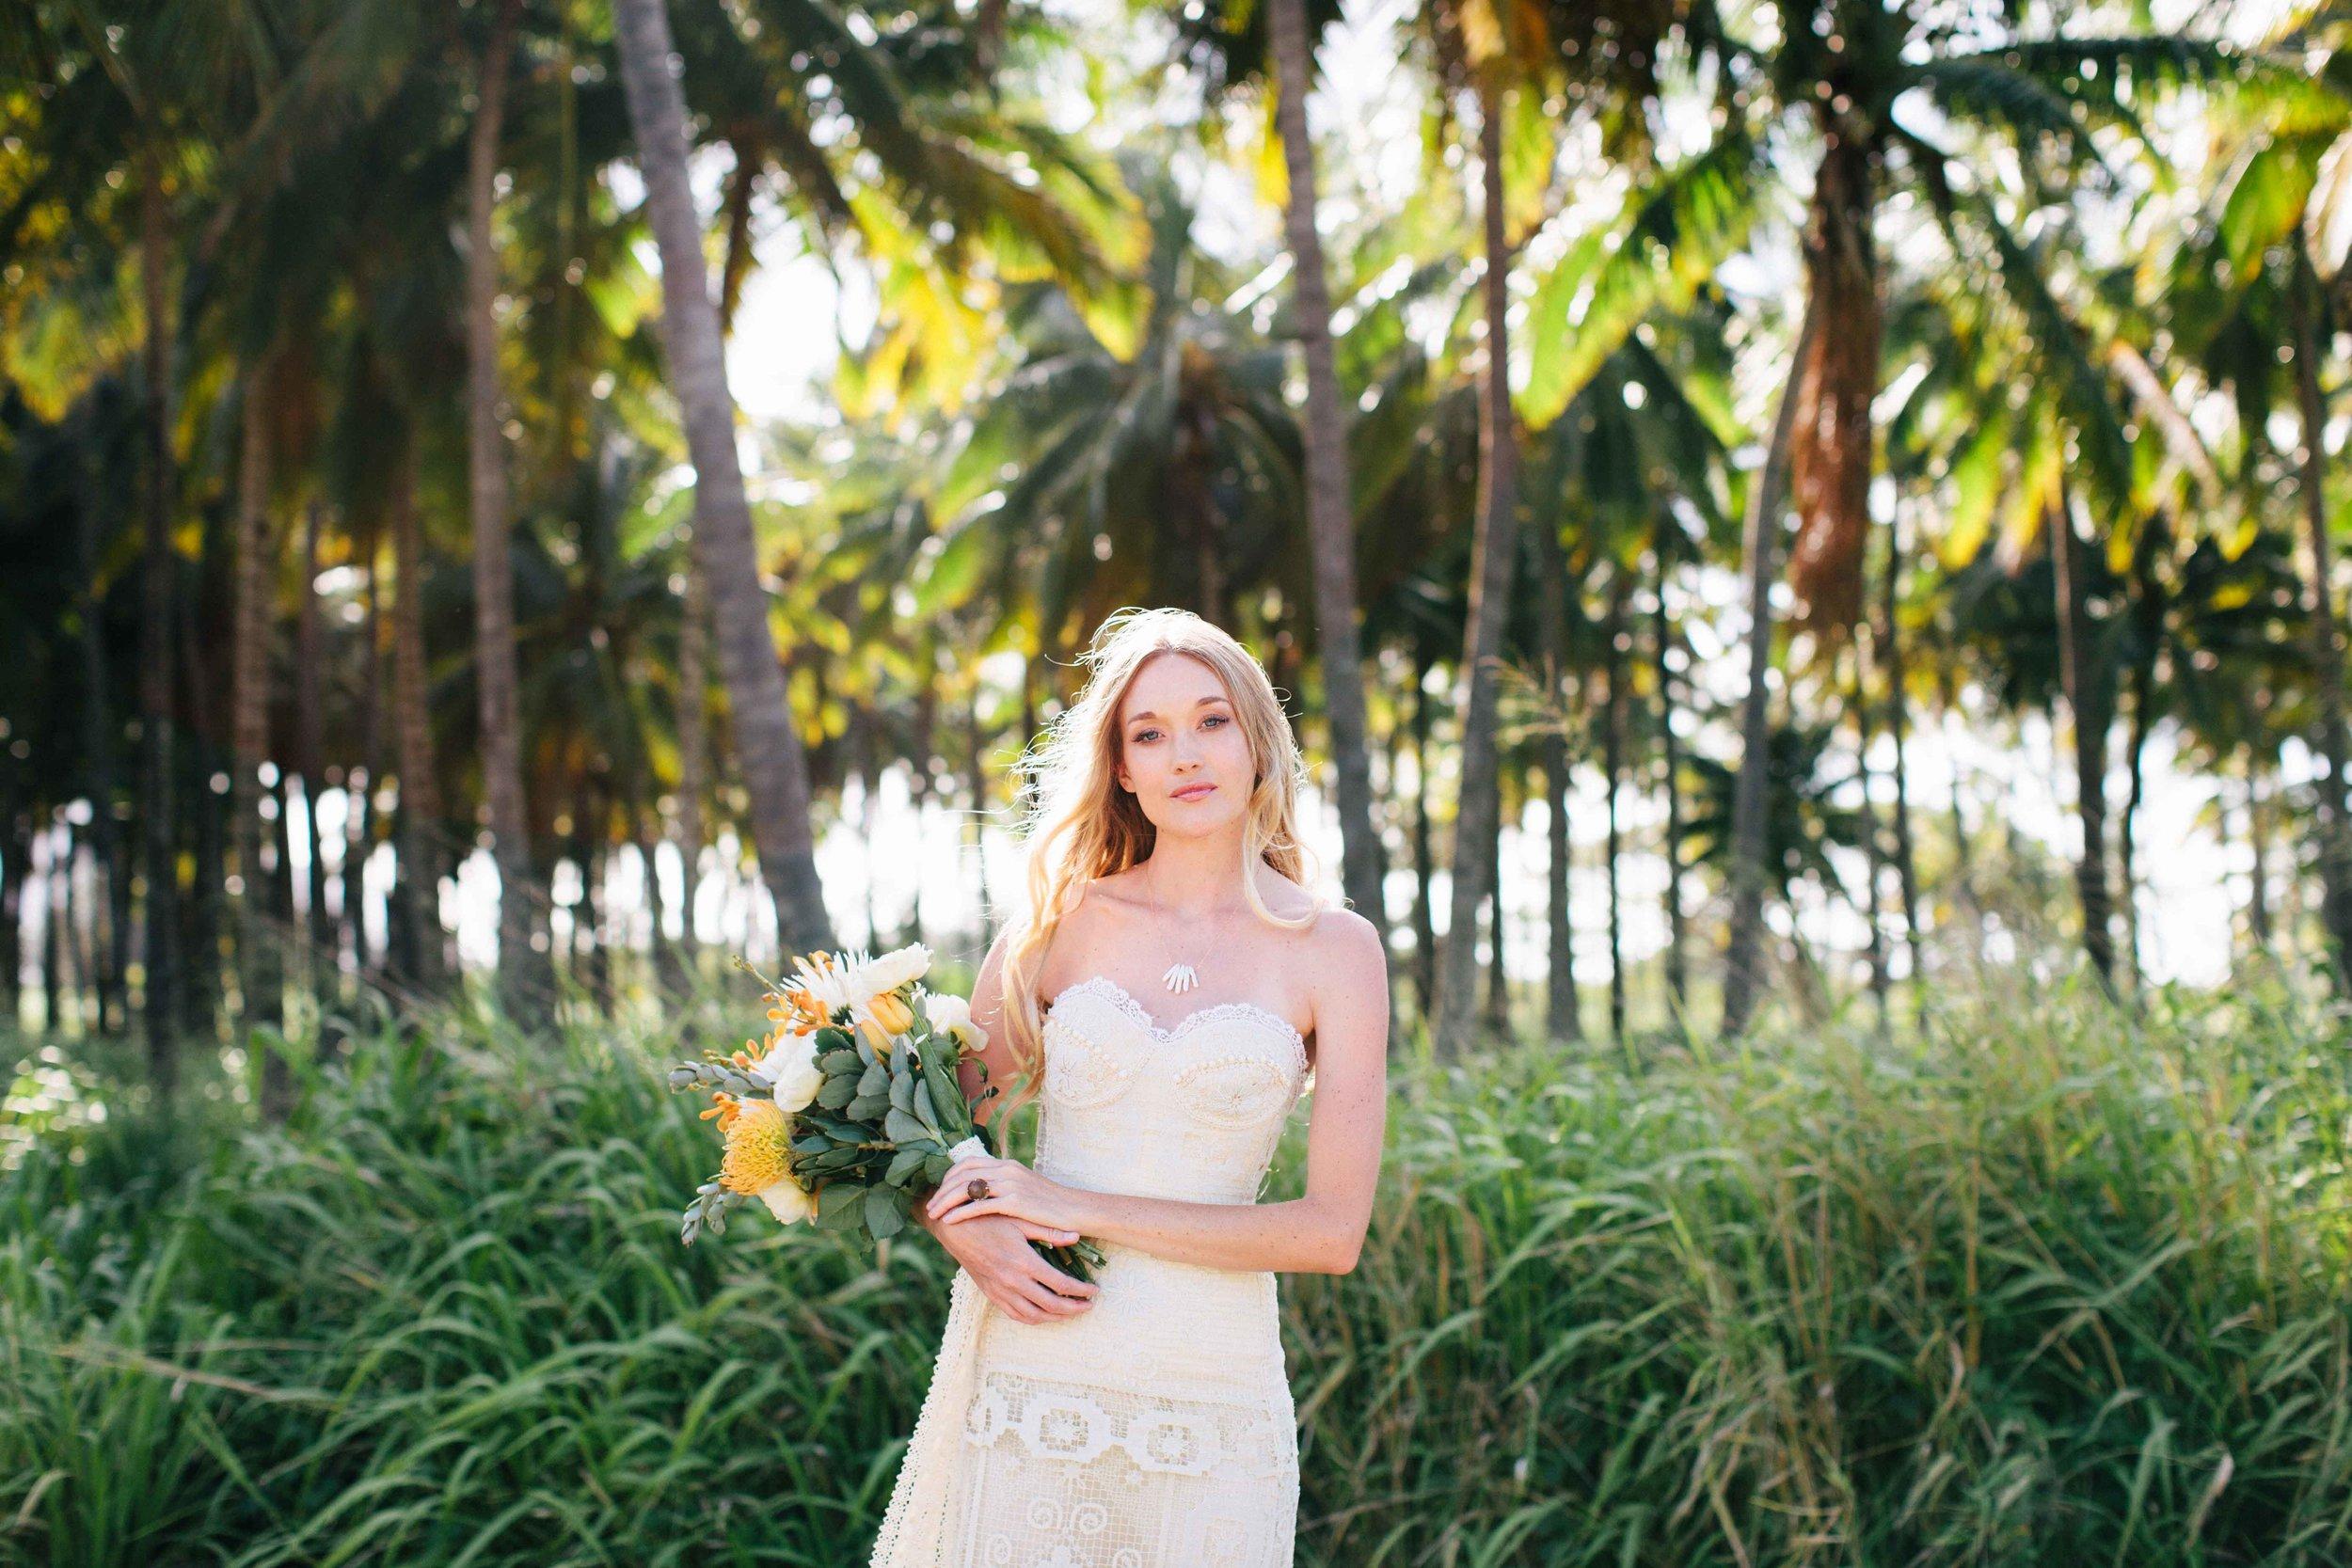 Hawaii-Wedding-Photography-6950.jpg